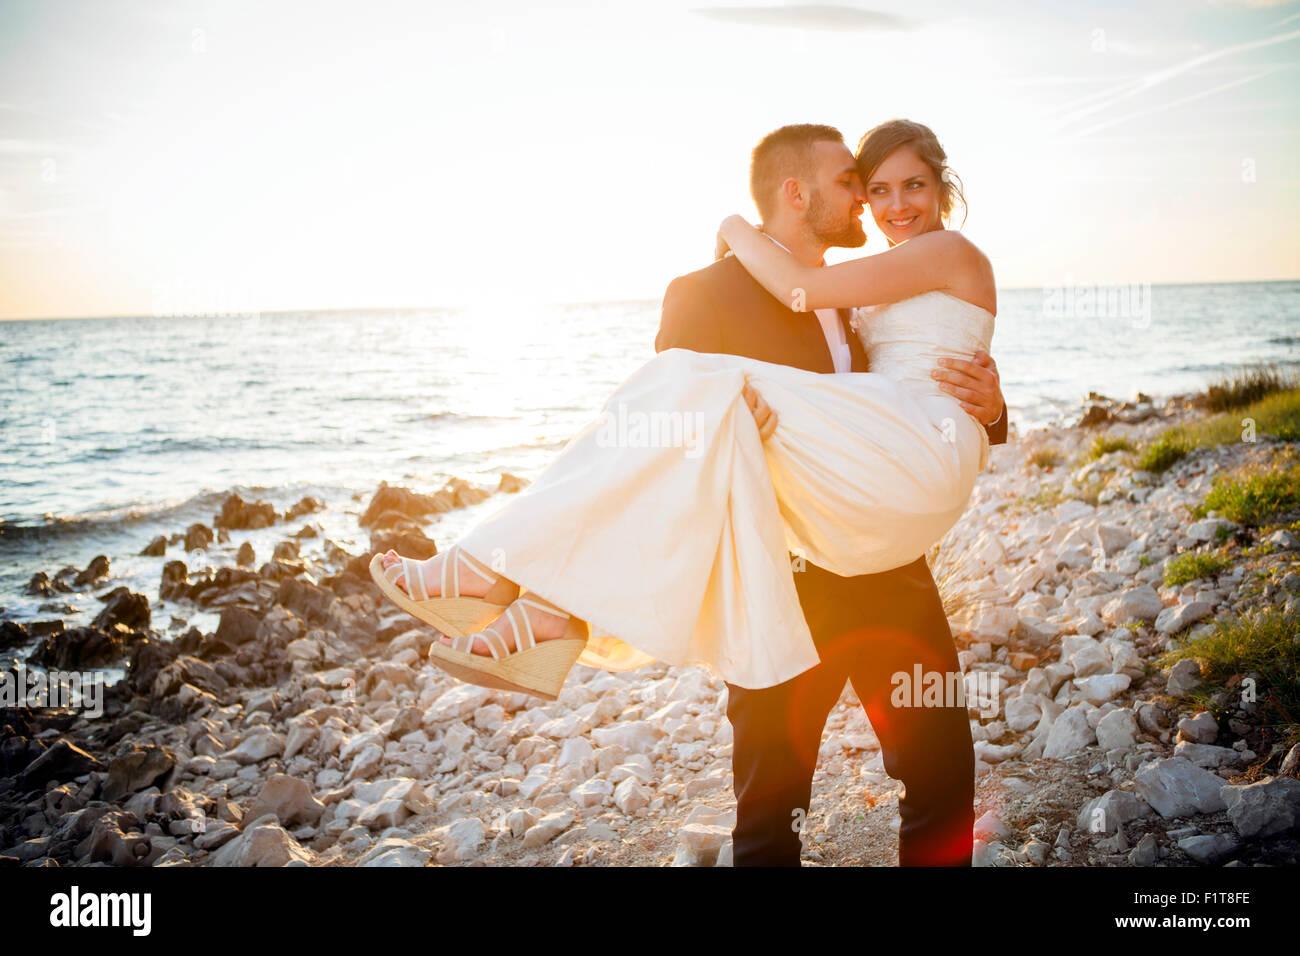 Bräutigam trägt Braut am Kiesstrand bei Sonnenuntergang Stockbild